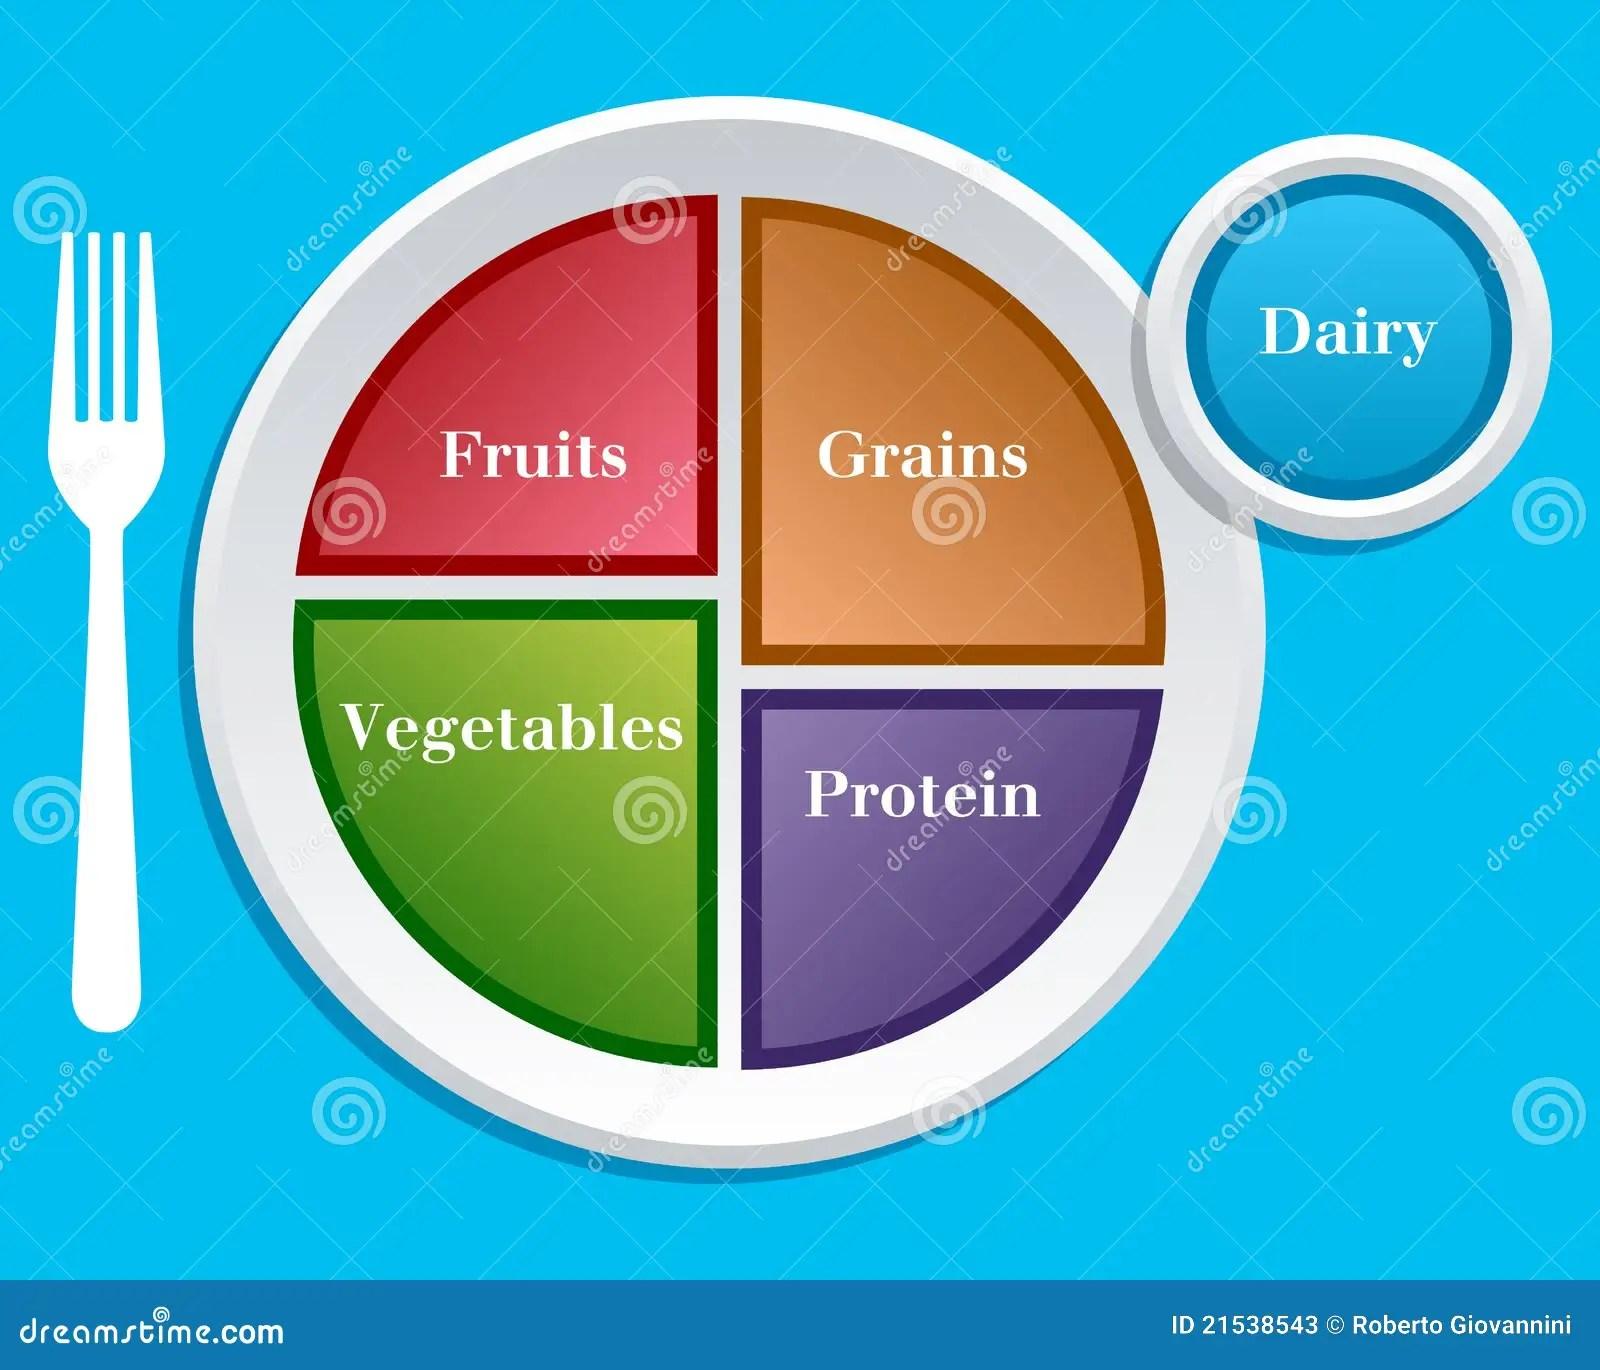 Mi Guia De La Nutricion De Lata De La Placa Fotos De